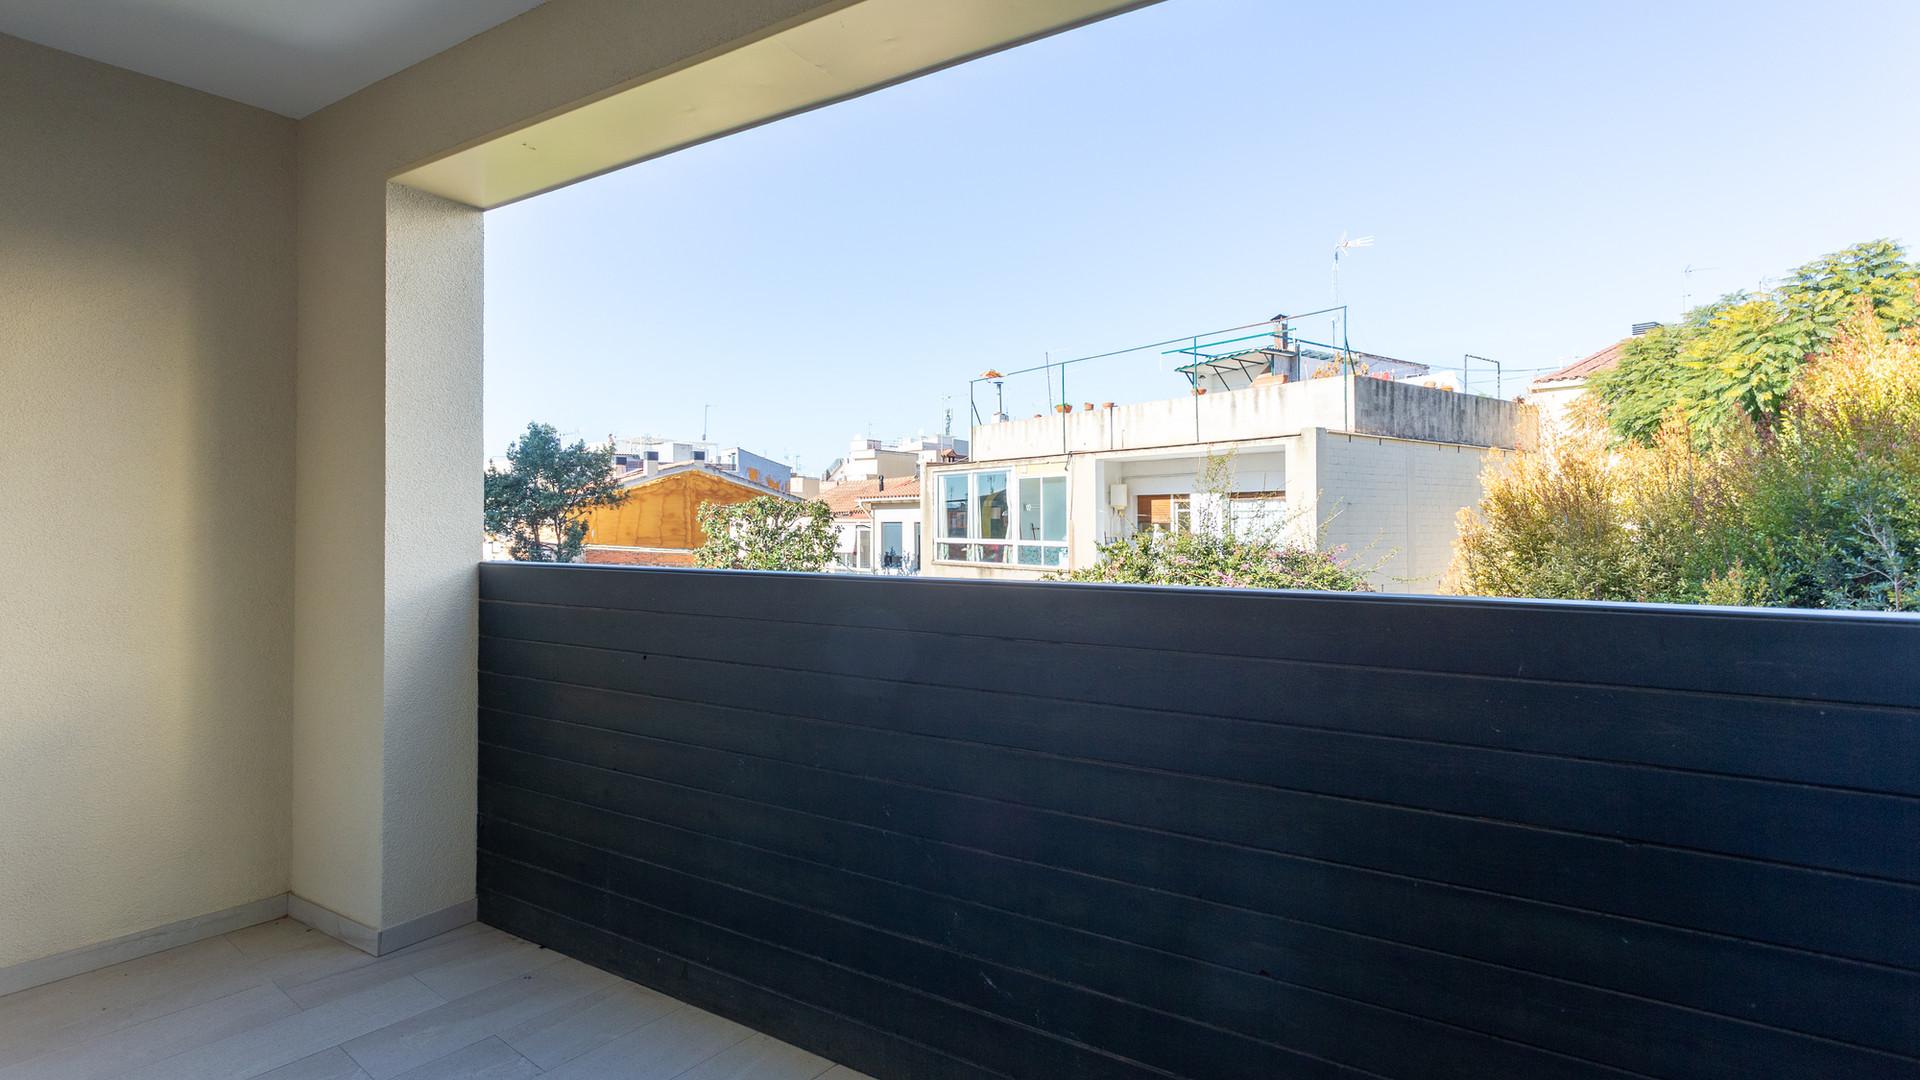 Балкон / Balcony